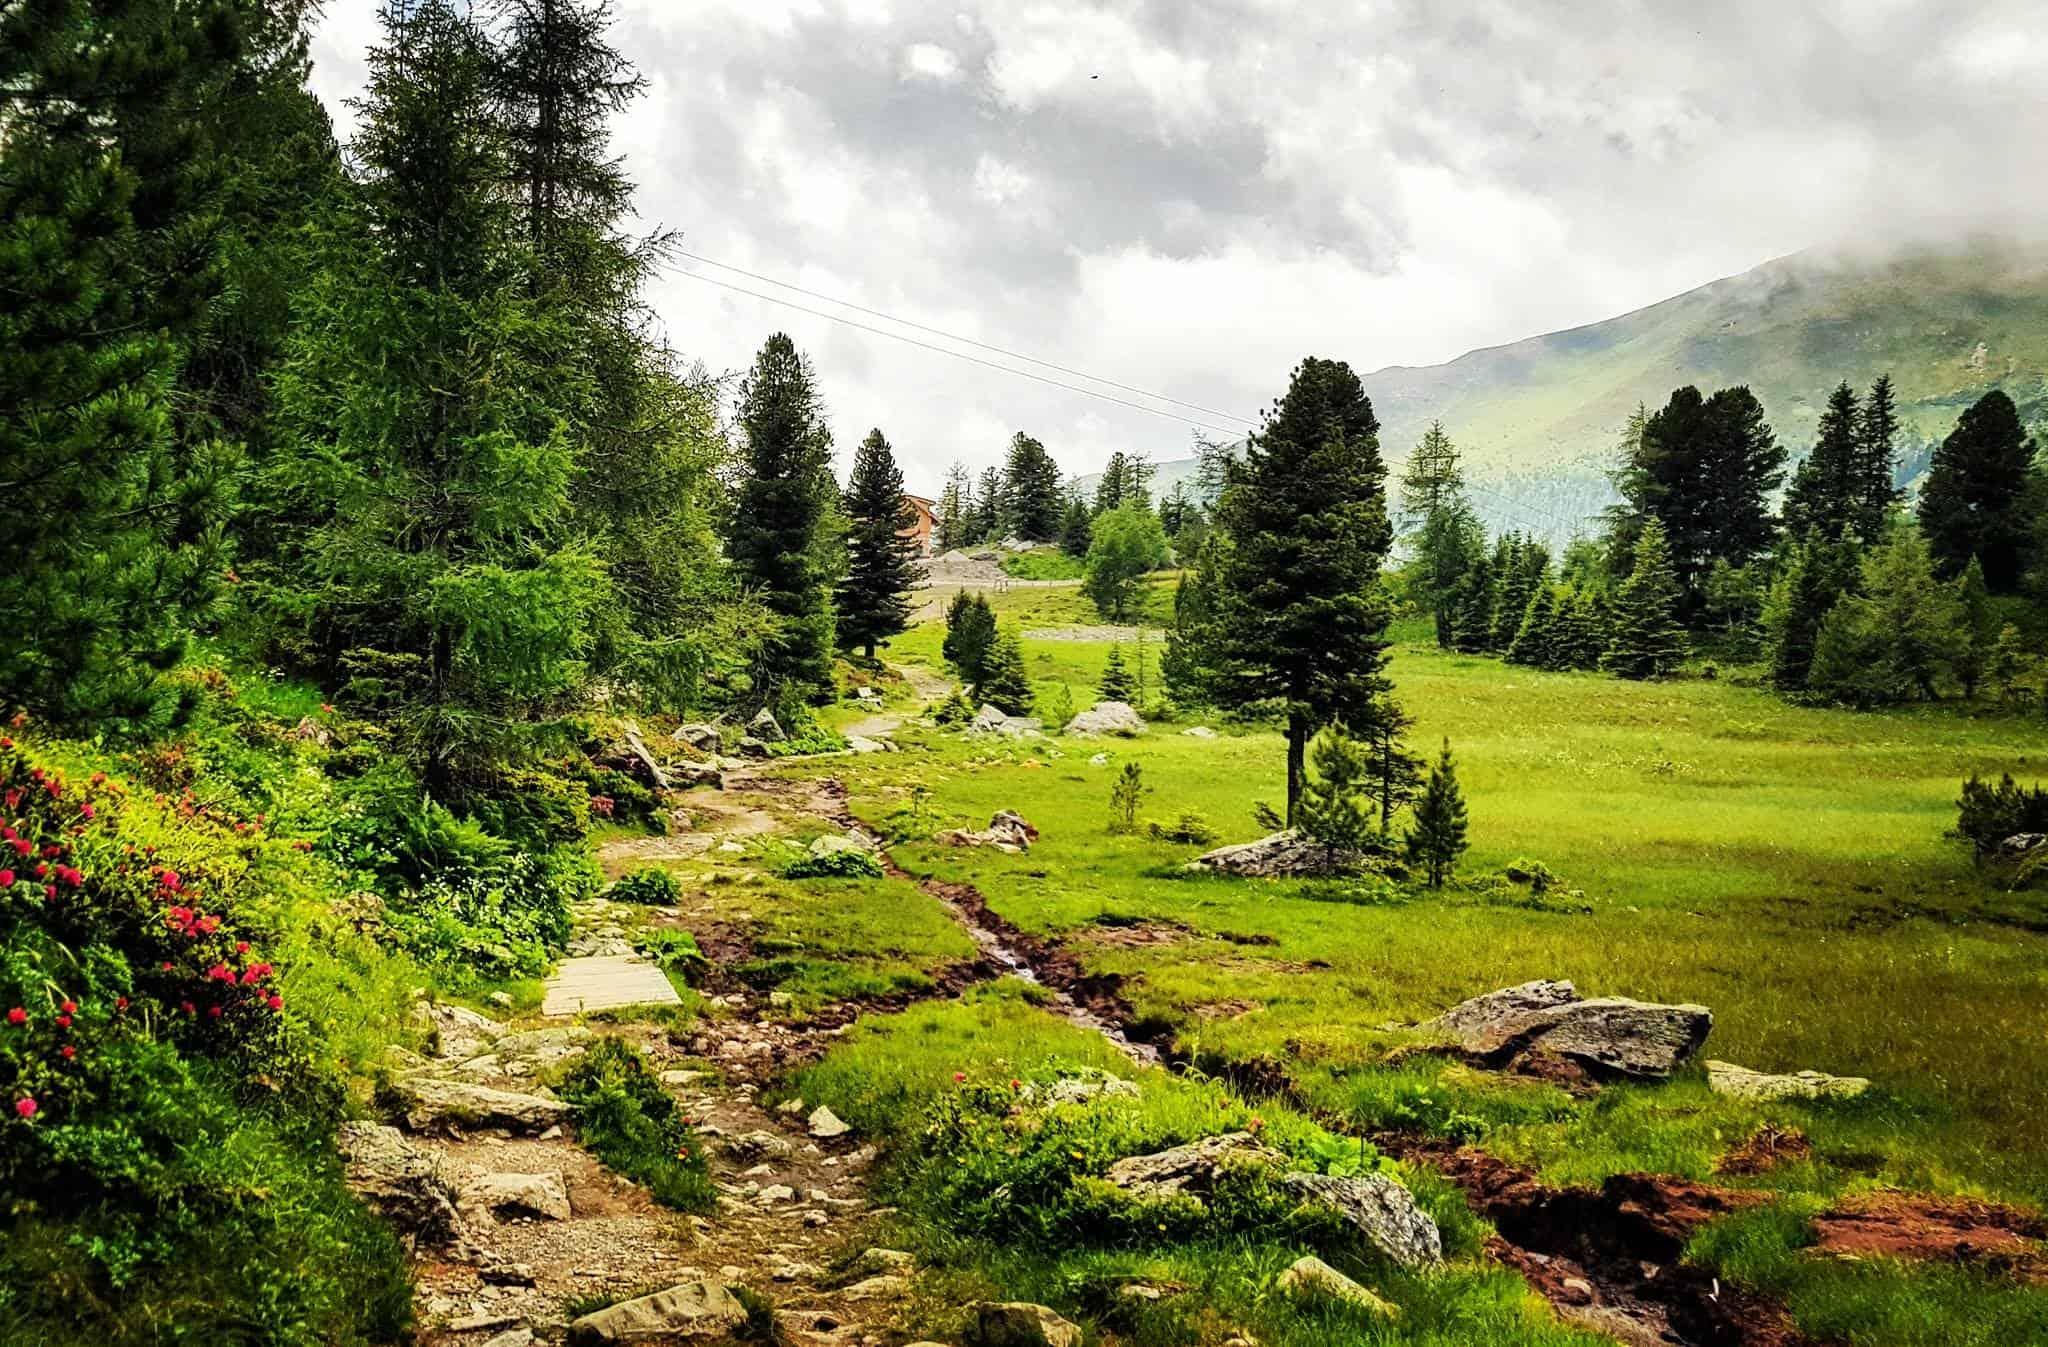 Wandern auf der Turracher Höhe in Kärnten-Steiermark - Wanderweg mit Almrausch bei Regenwetter in Österreich